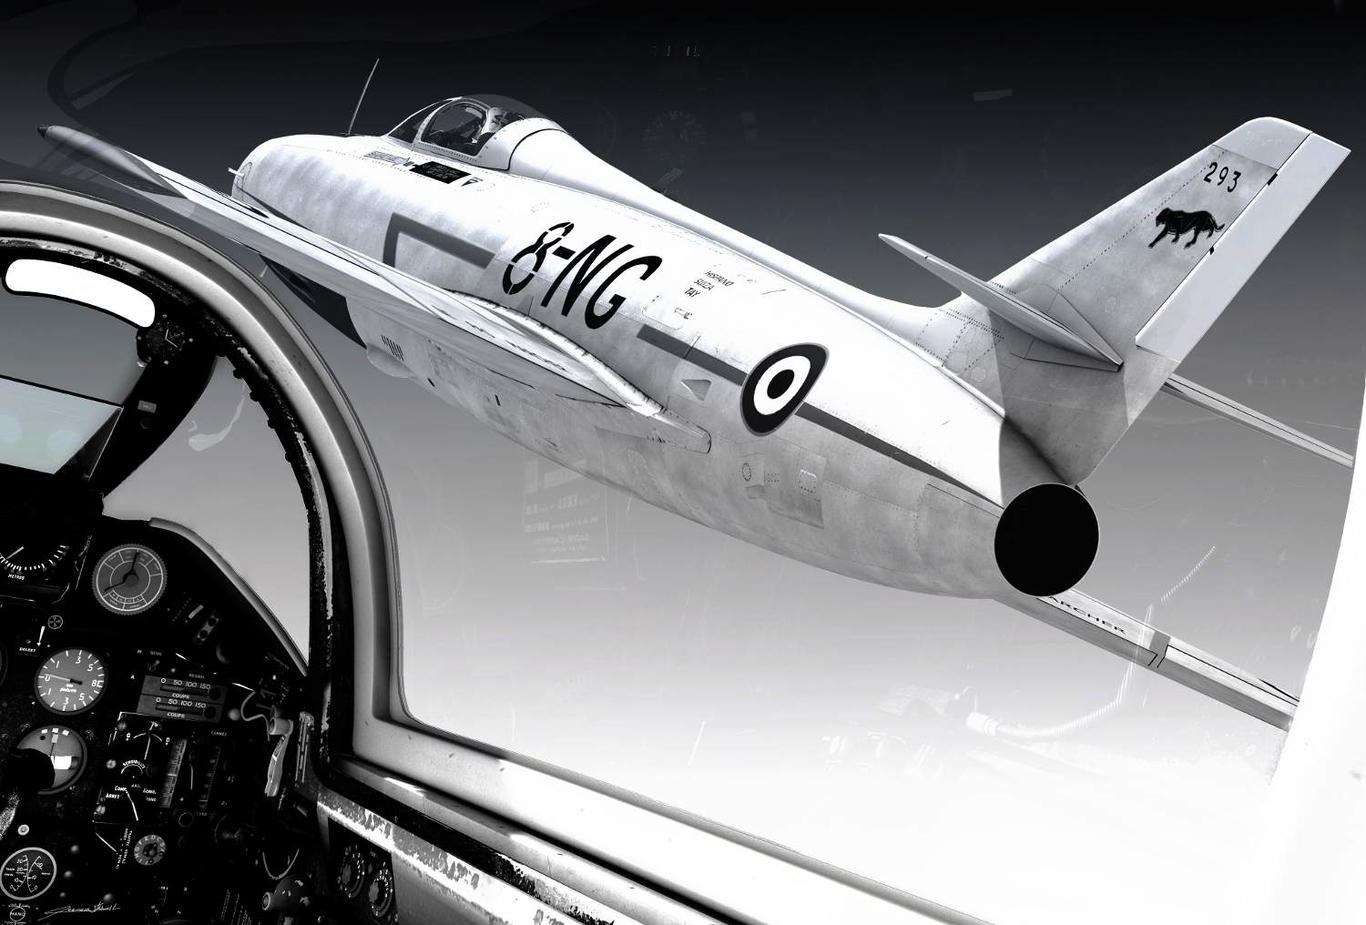 Amateur patrol flight 1 70e2e9a8 riyz